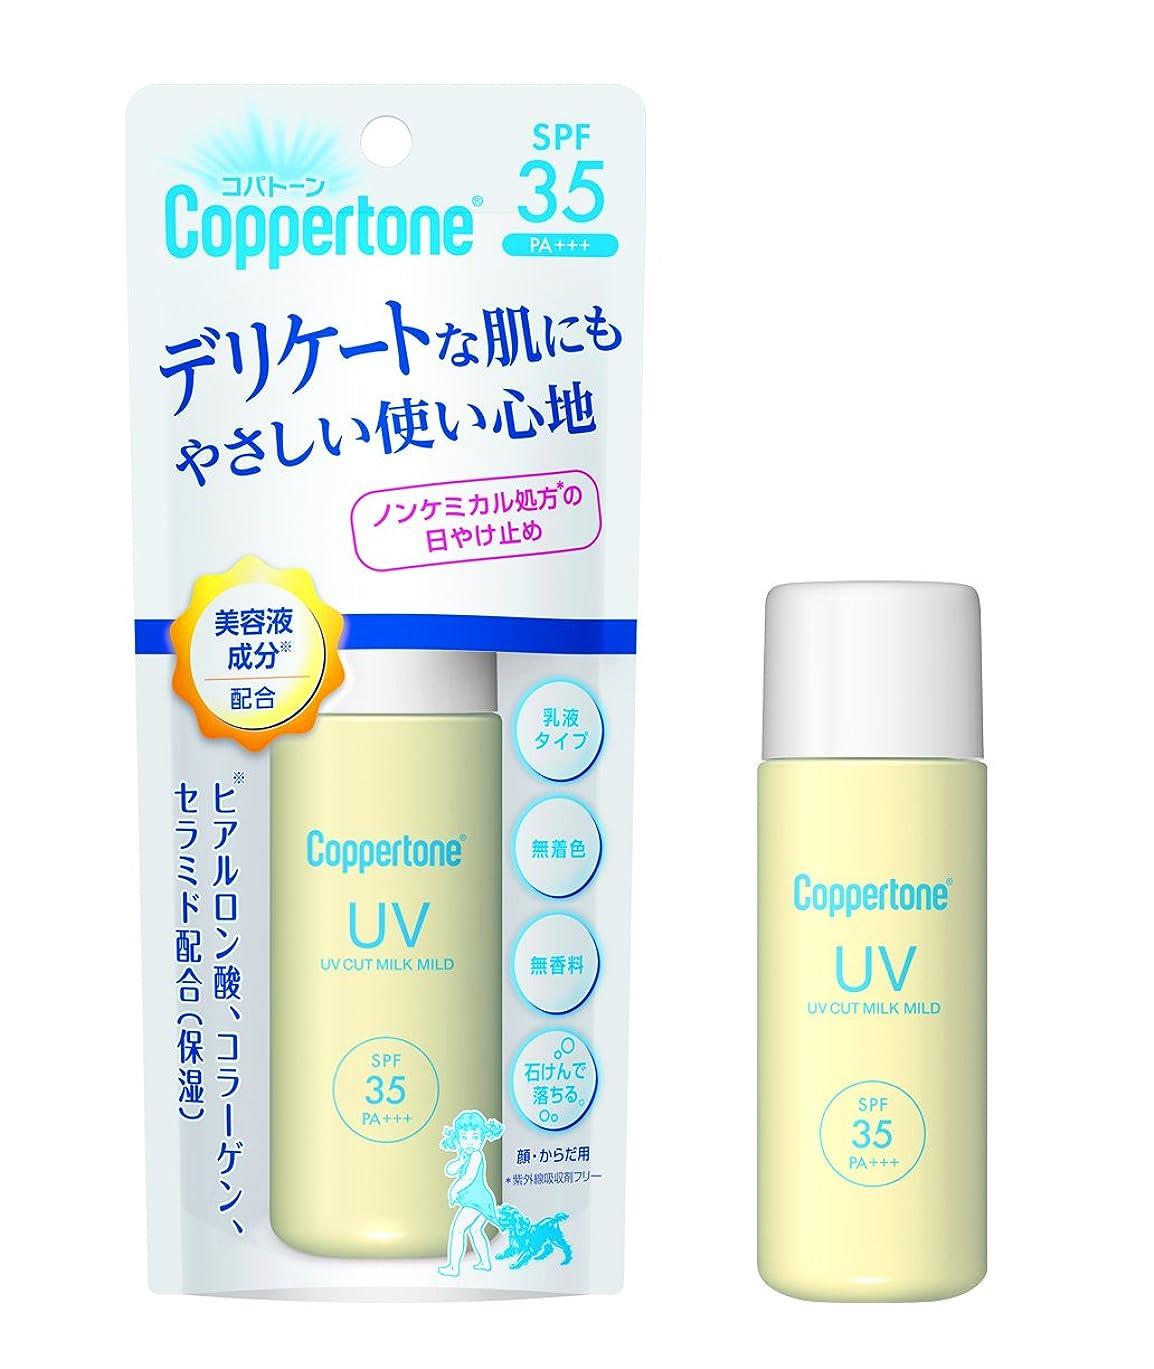 解説入射インテリア大正製薬 コパトーンUVカットミルクマイルド